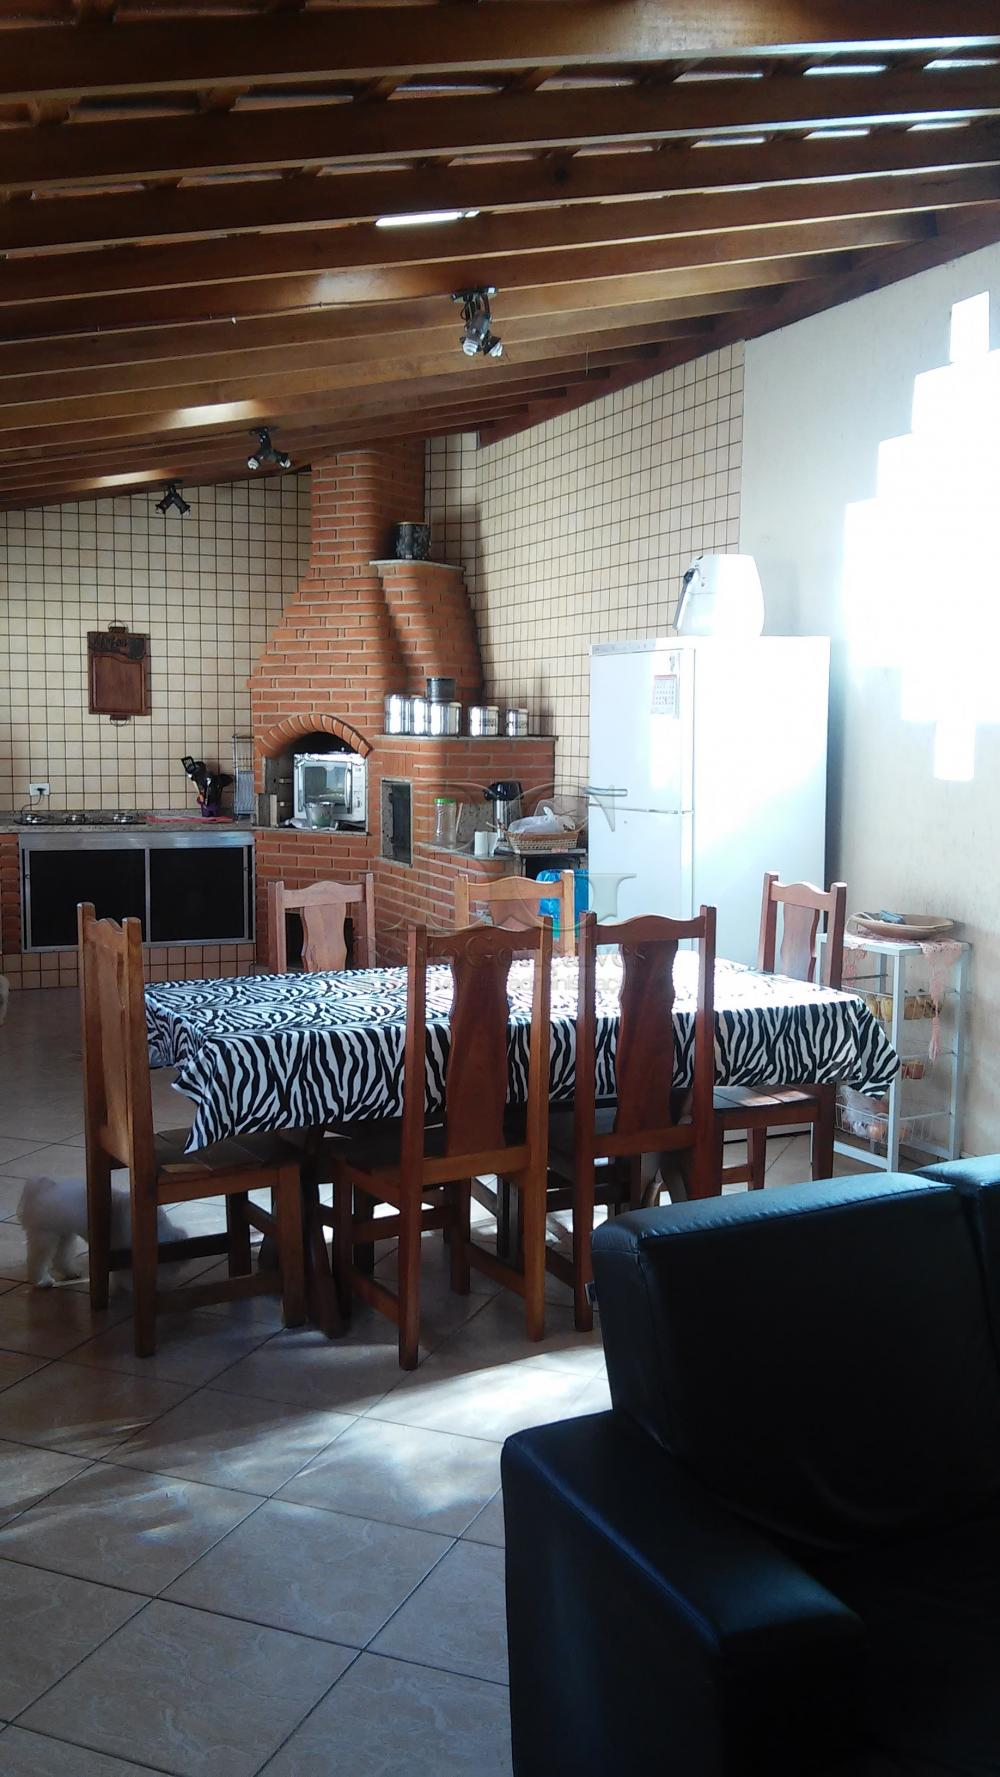 Comprar Casas / Padrão em Poços de Caldas apenas R$ 1.200.000,00 - Foto 4